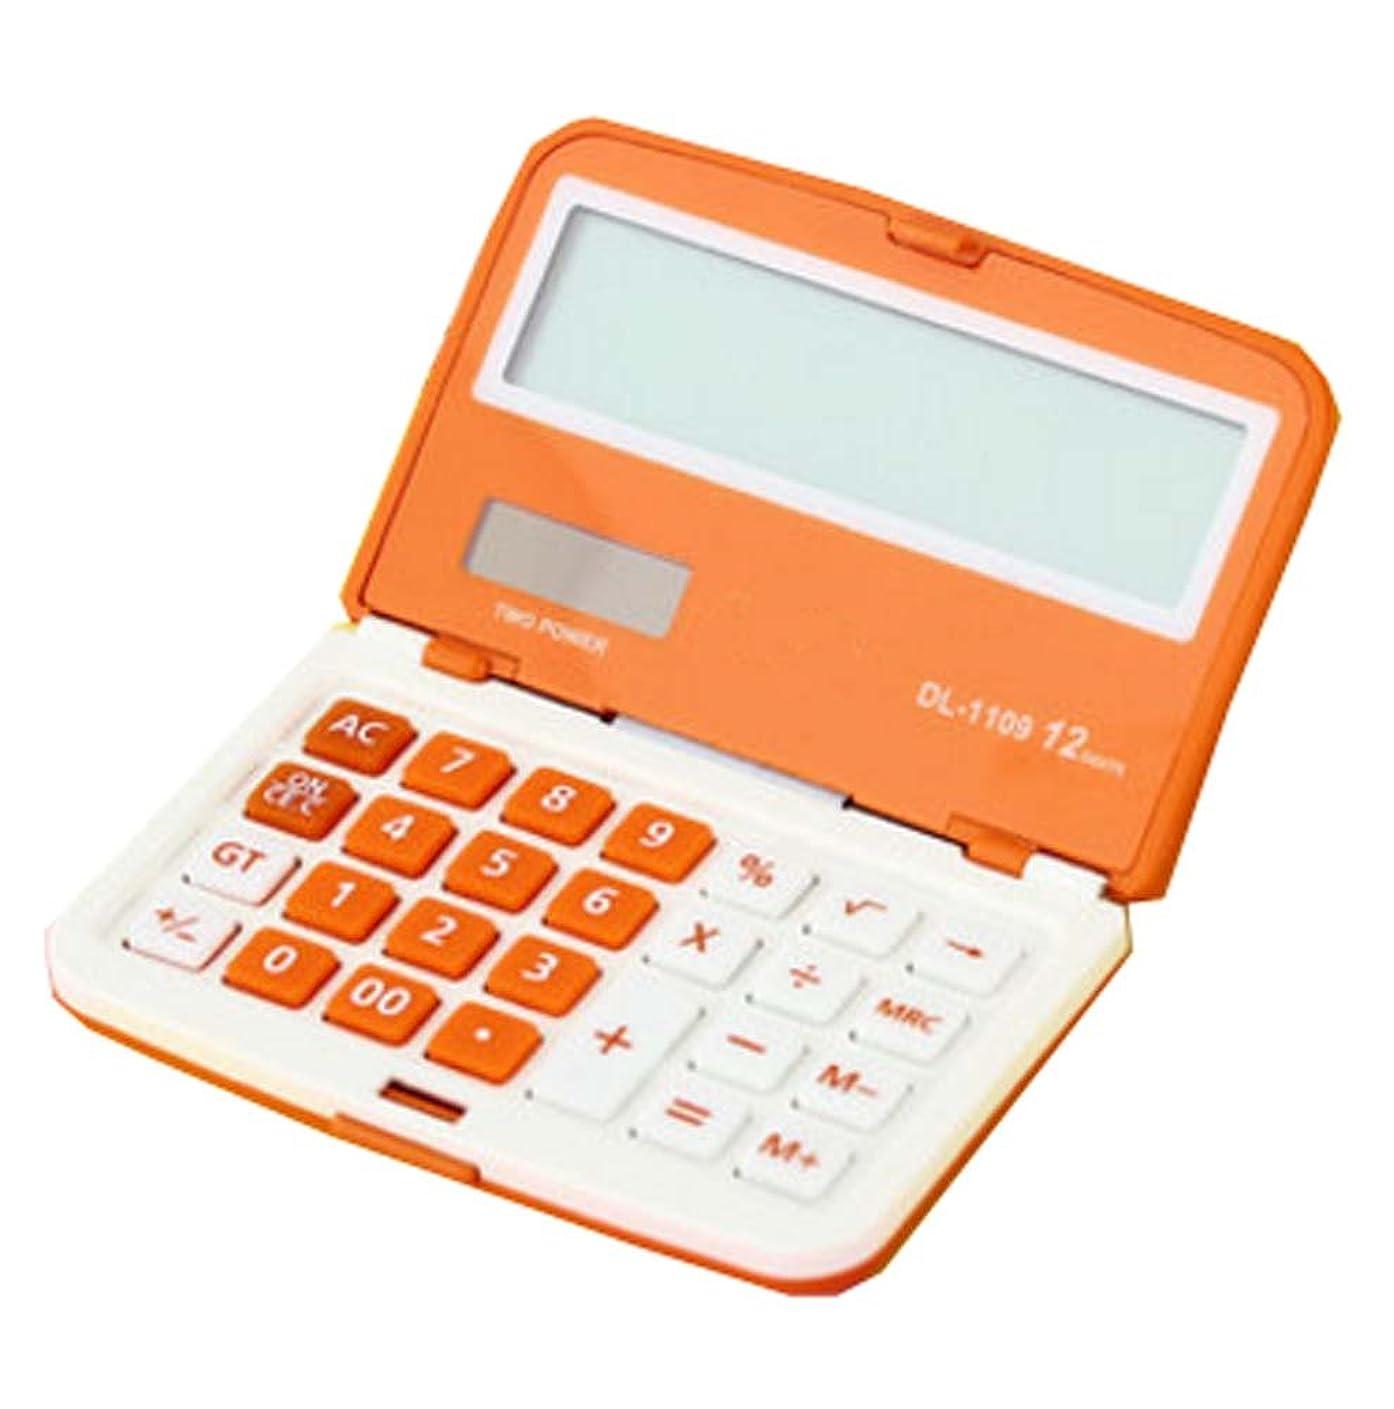 サークル配送理想的には電卓、標準機能デスクトップ電卓8桁の大きな表示で、a6